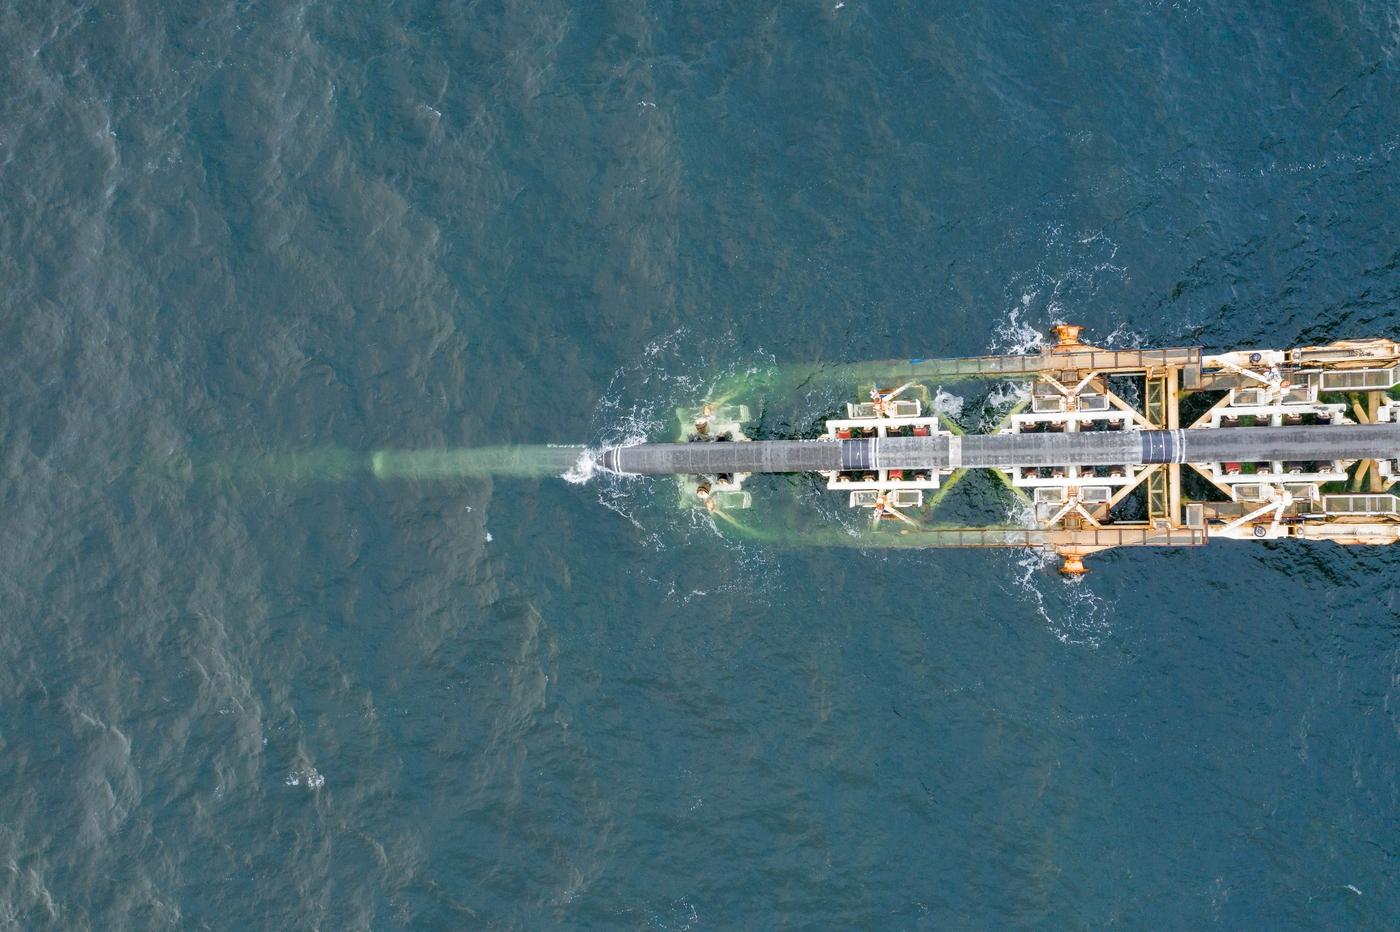 Εγκατάσταση σωληνώσεων του Nord Stream 2 στα γερμανικά ύδατα